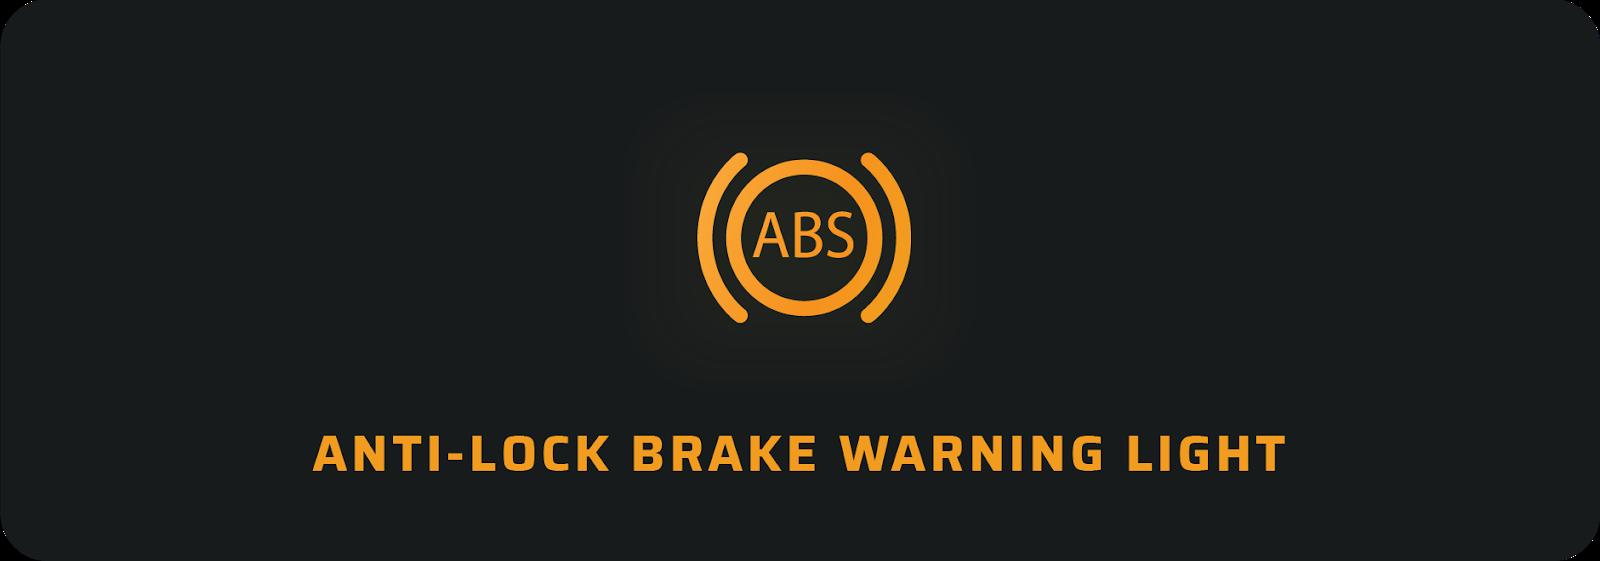 Anti-lock brake car warning light